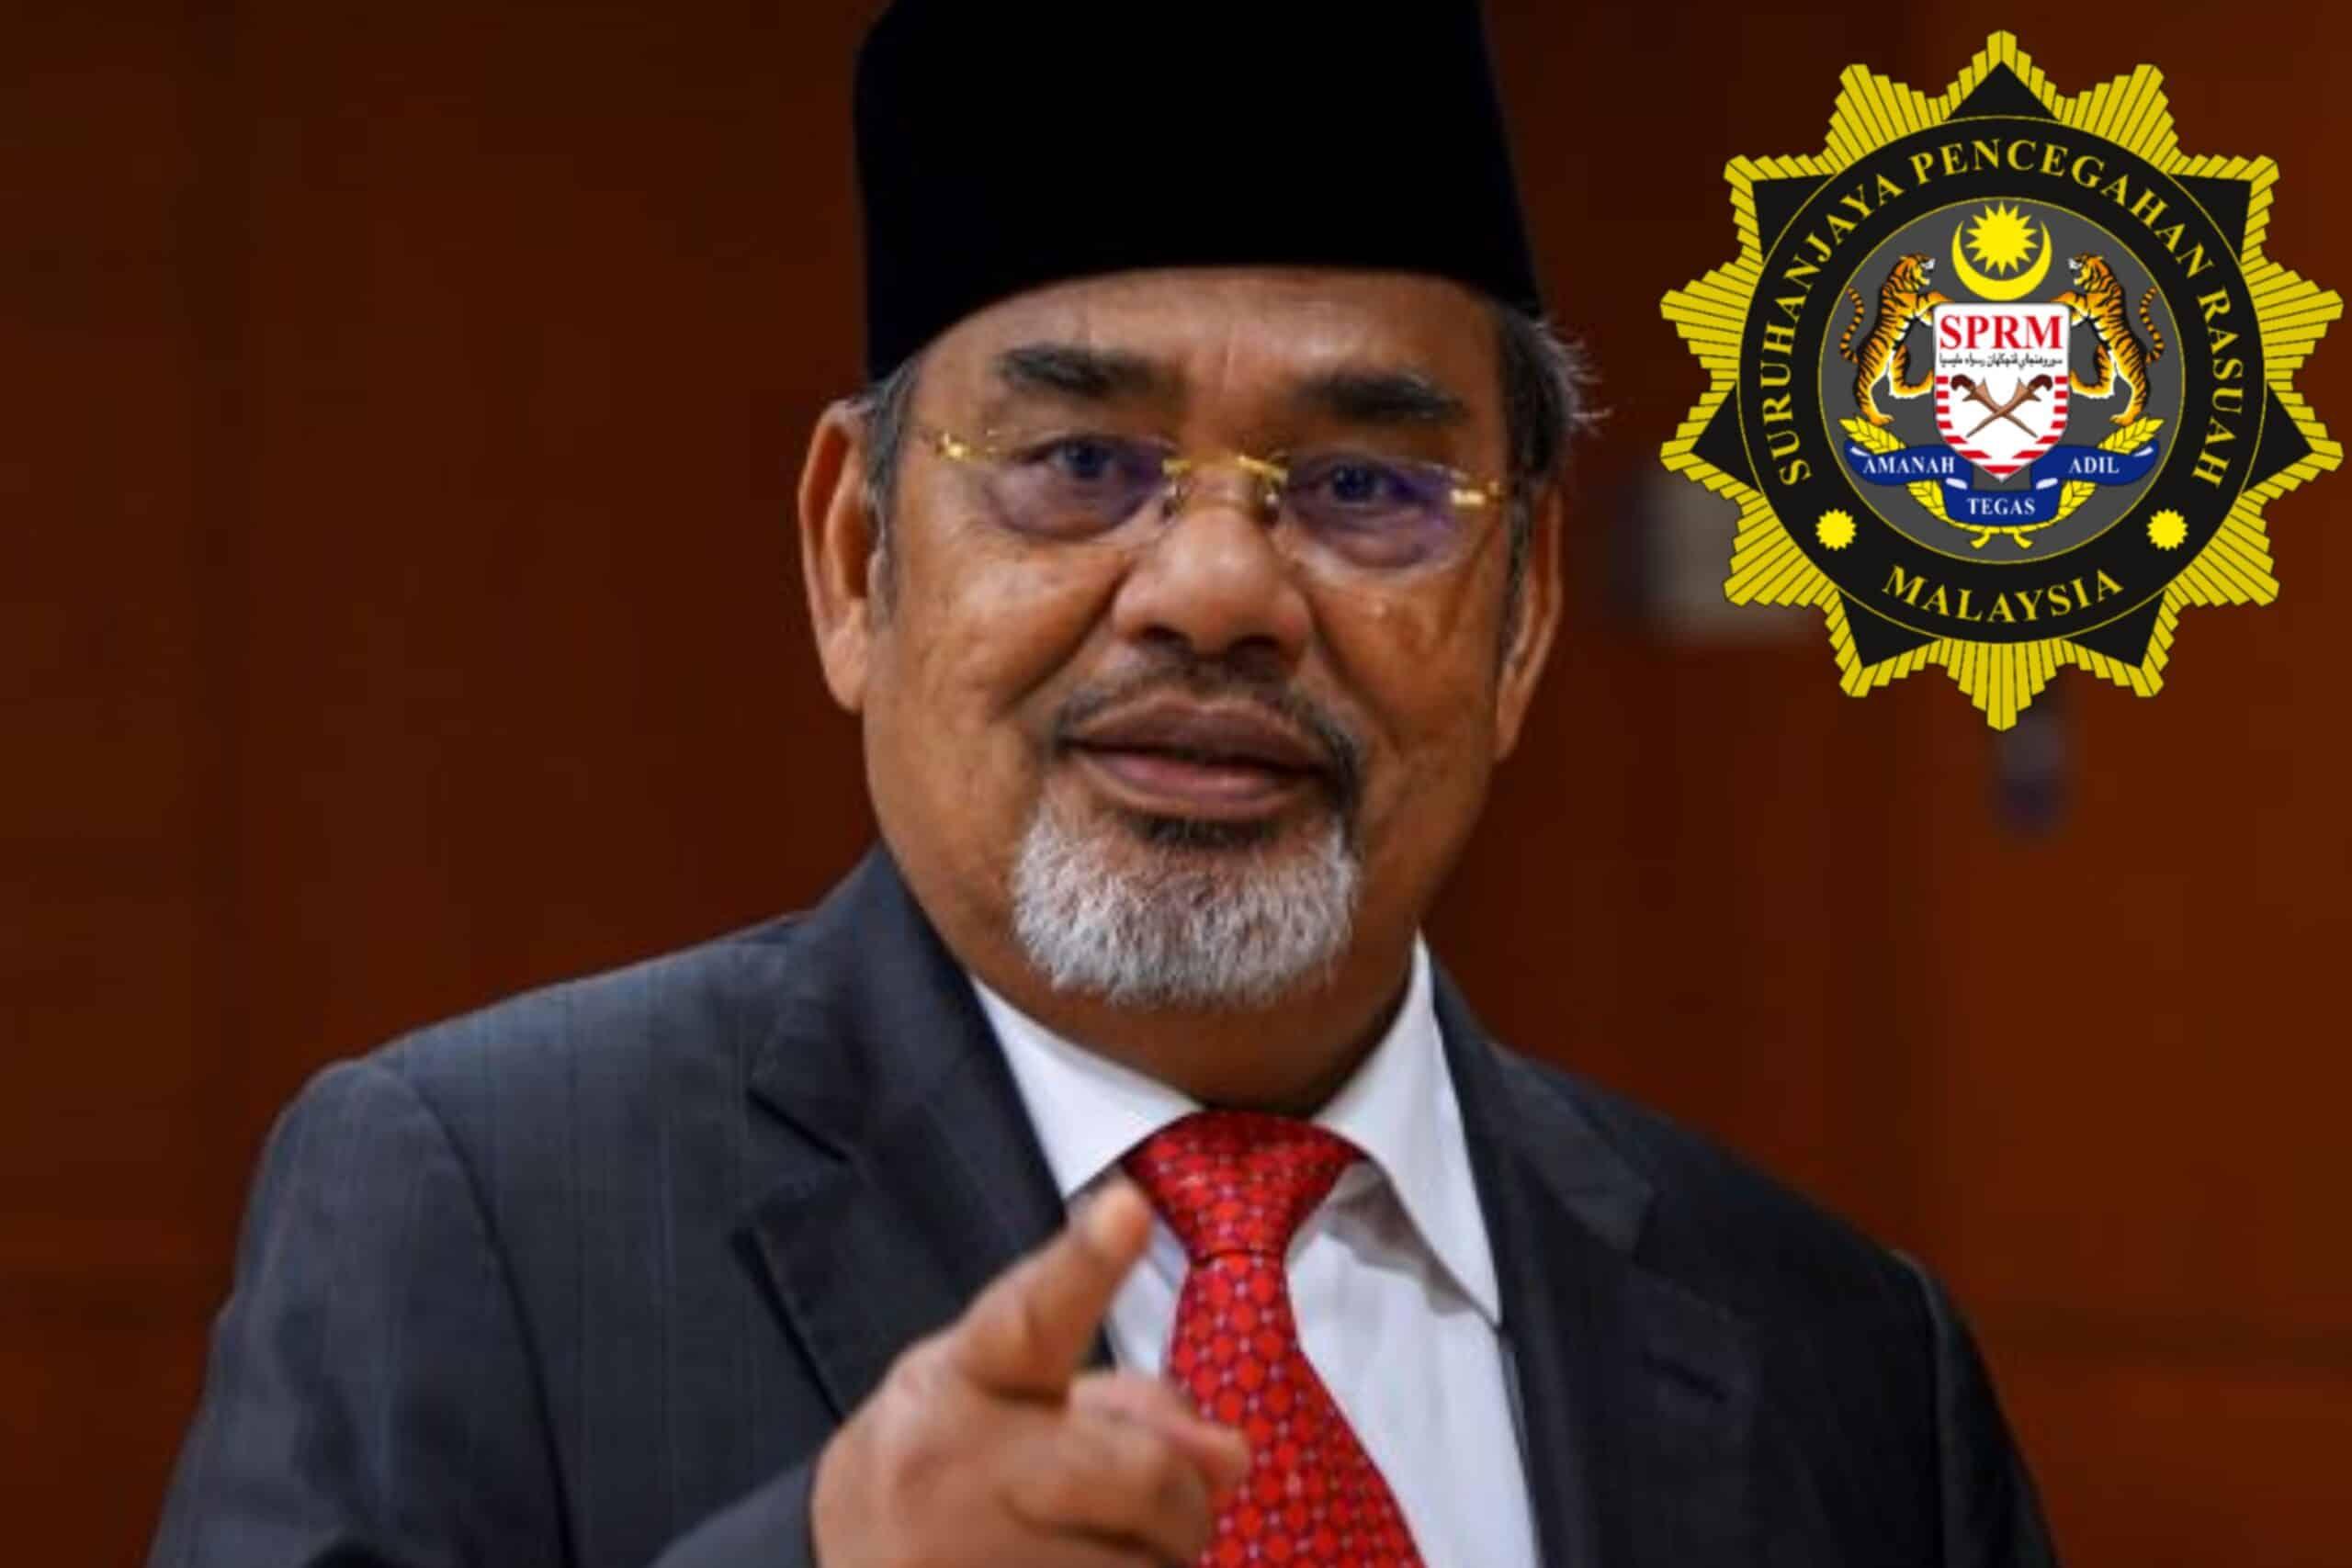 Tajuddin ditahan SPRM kes salah guna kuasa